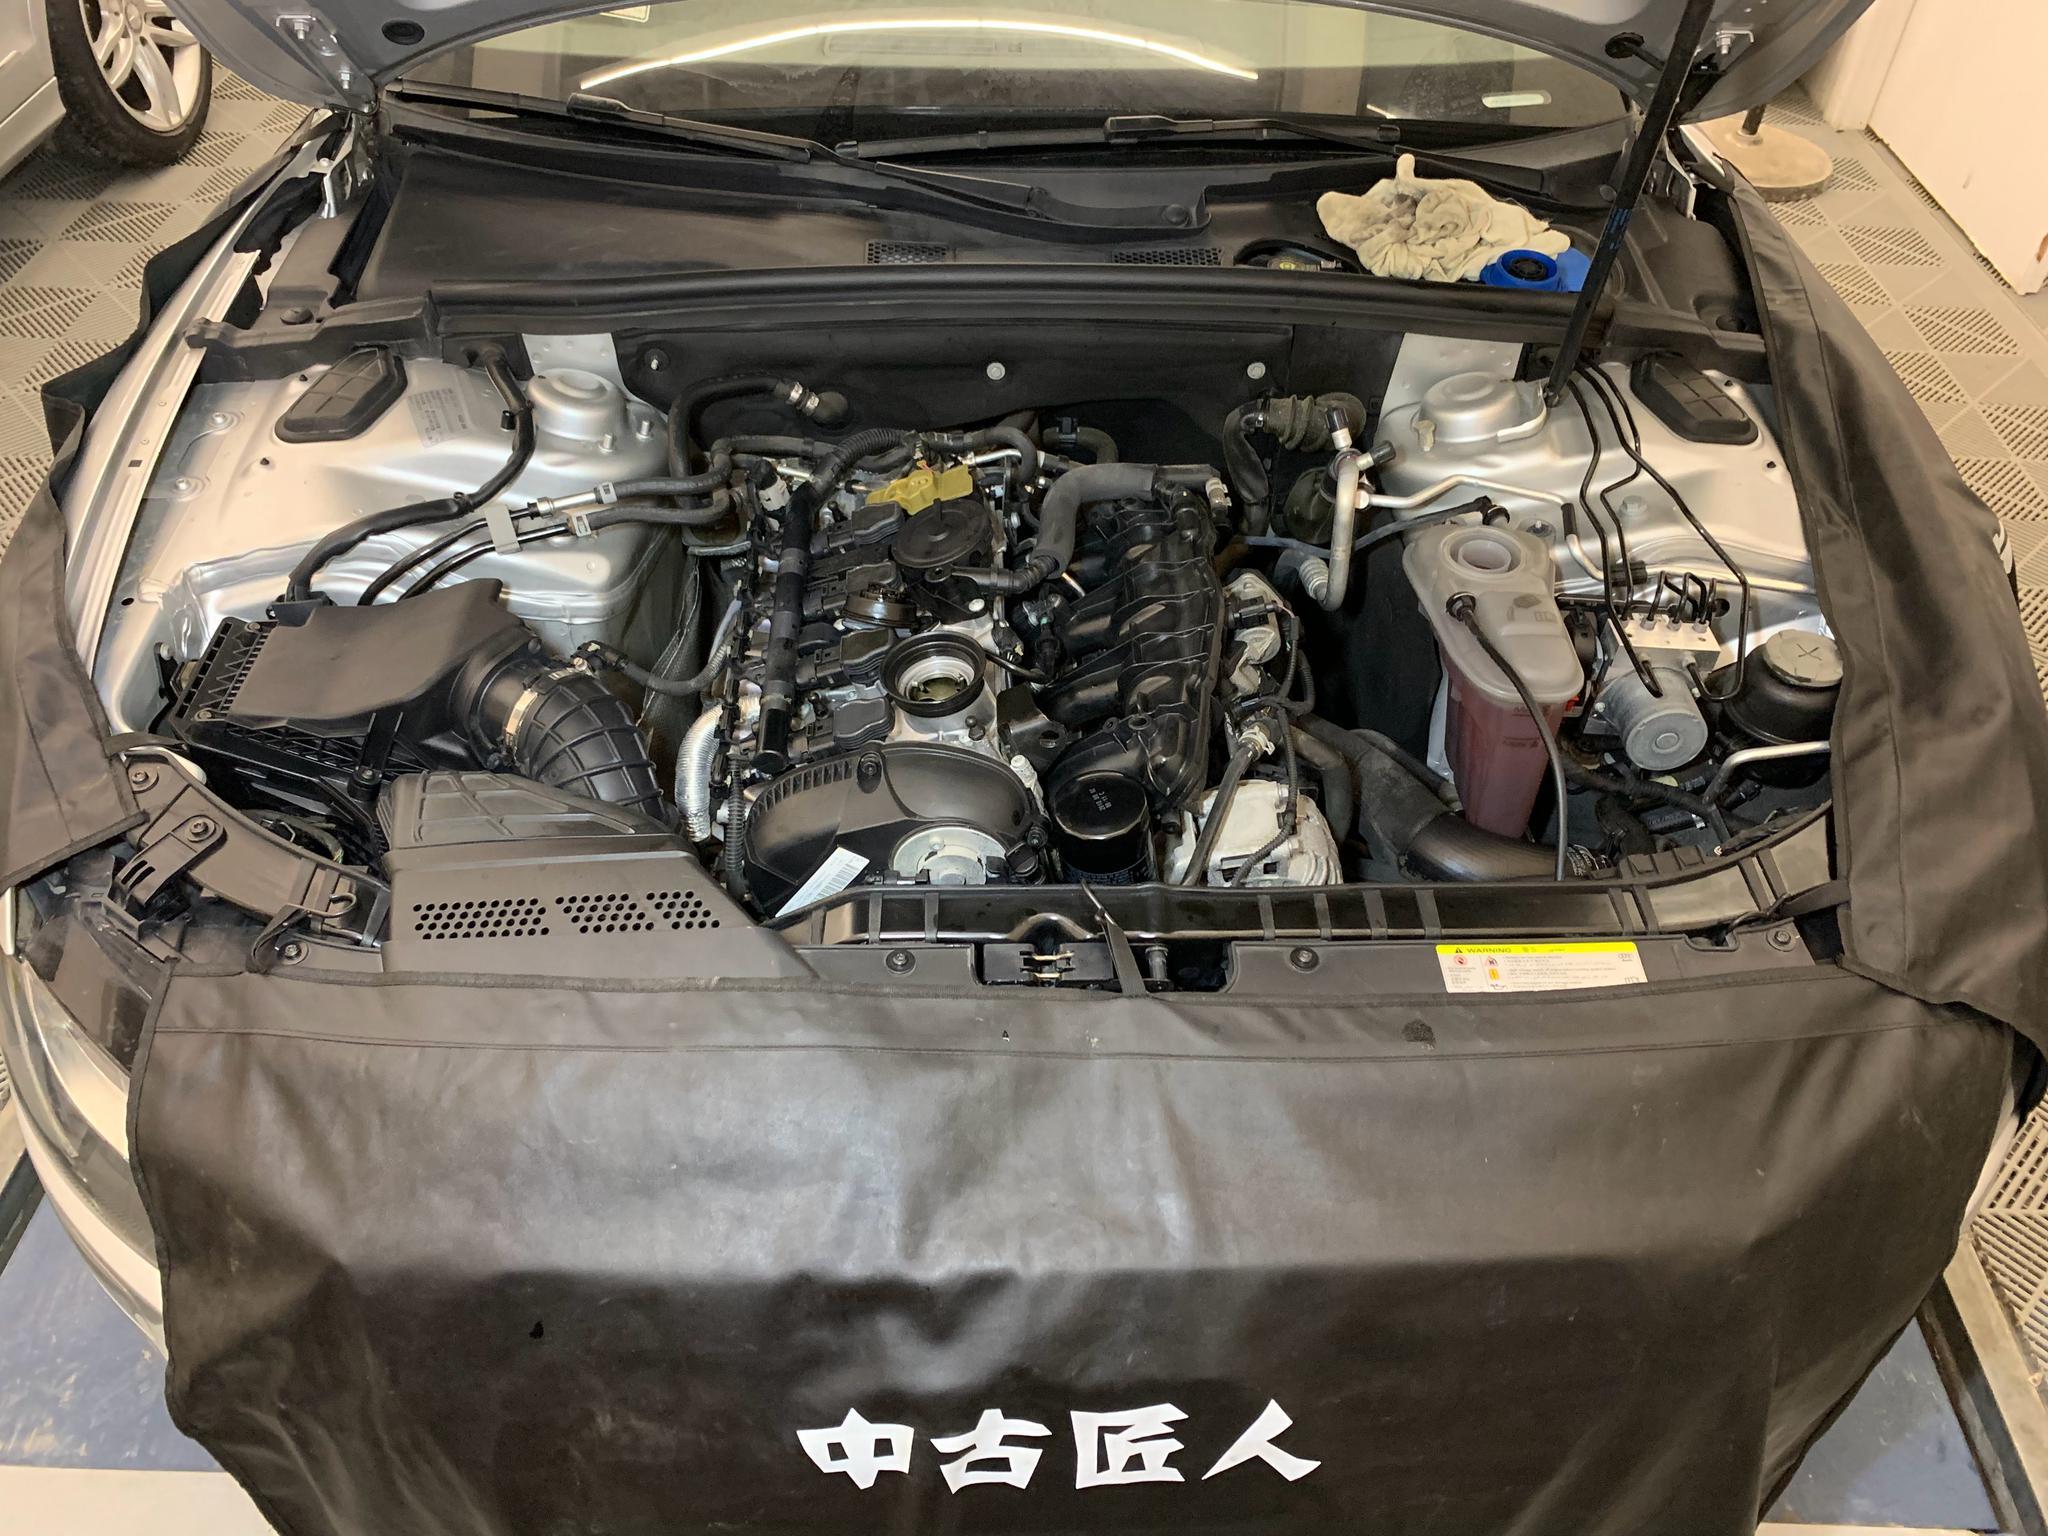 奥迪A5整修安排上,车型虽然已经不是最新款,但能用相对实惠的价格